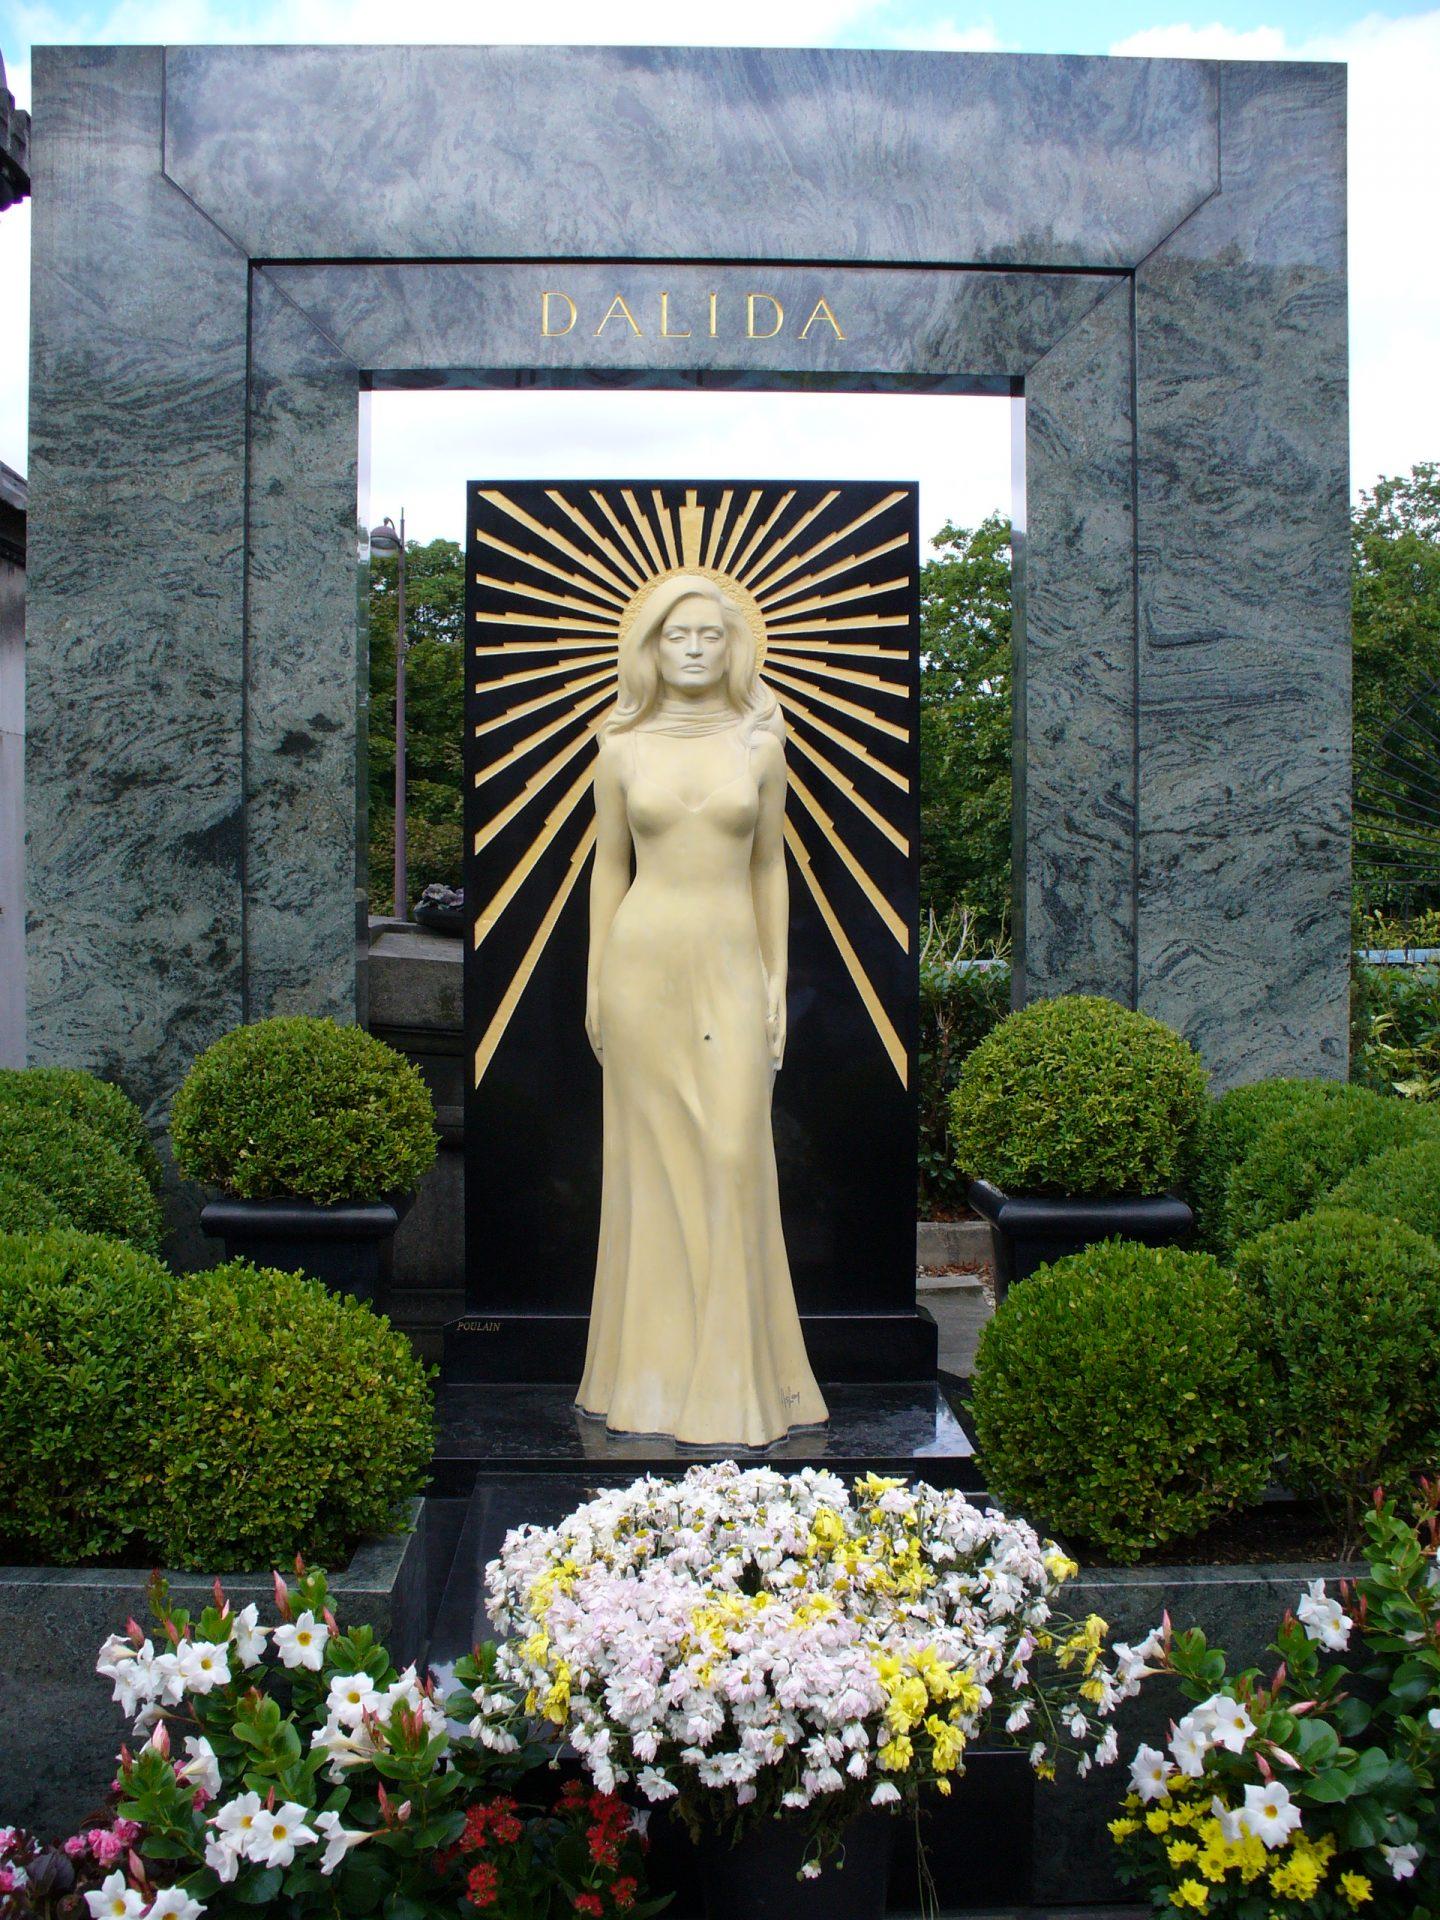 il monumento a Dalida